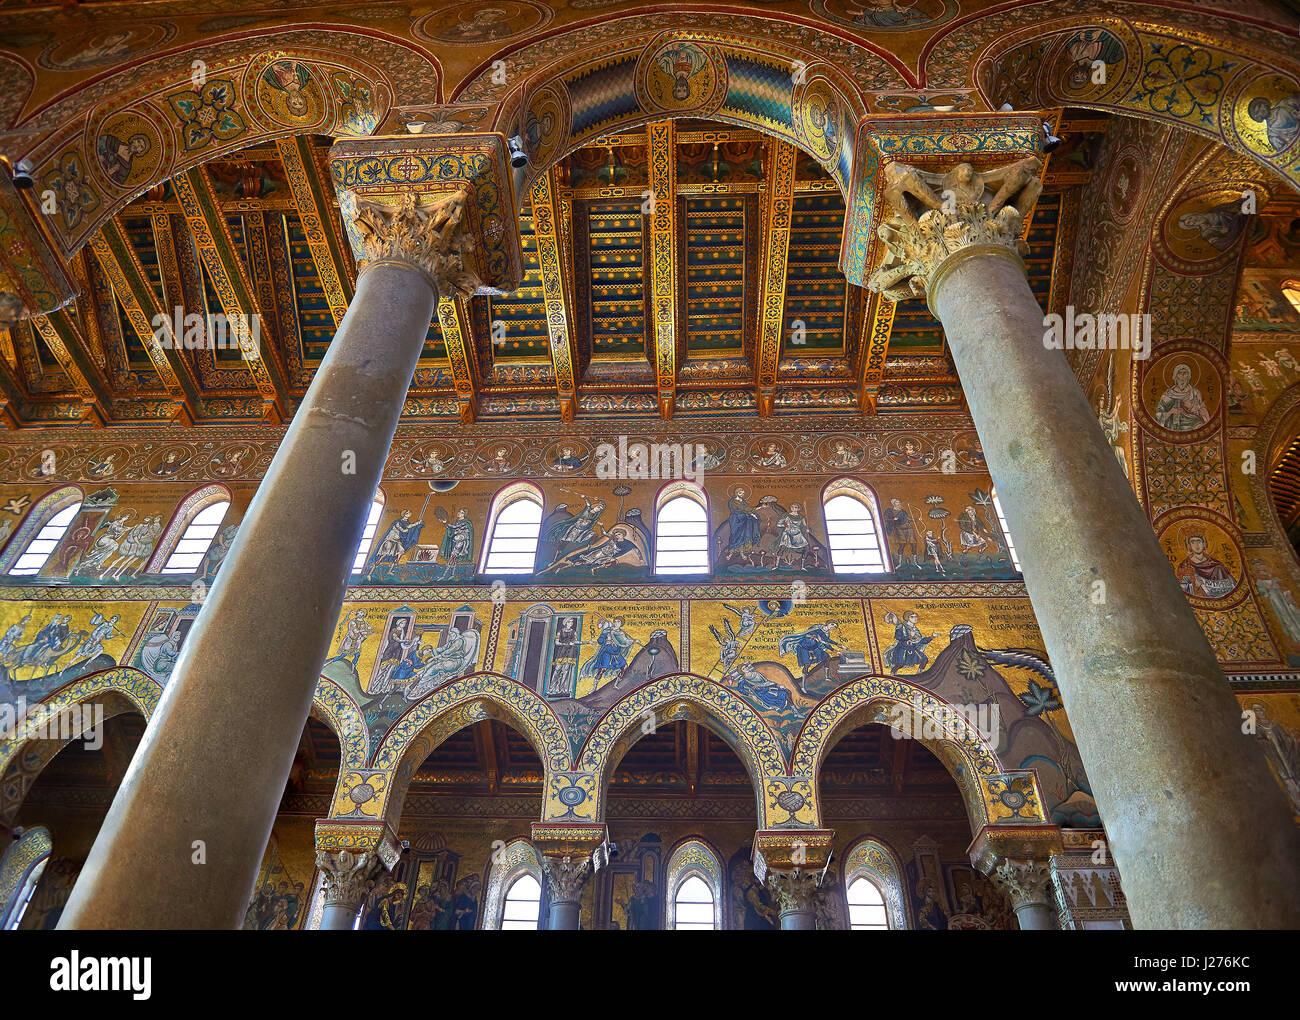 Mosaïques de la cathédrale médiévale d'Norman-Byzantine de Monreale, province de Palerme, Photo Stock